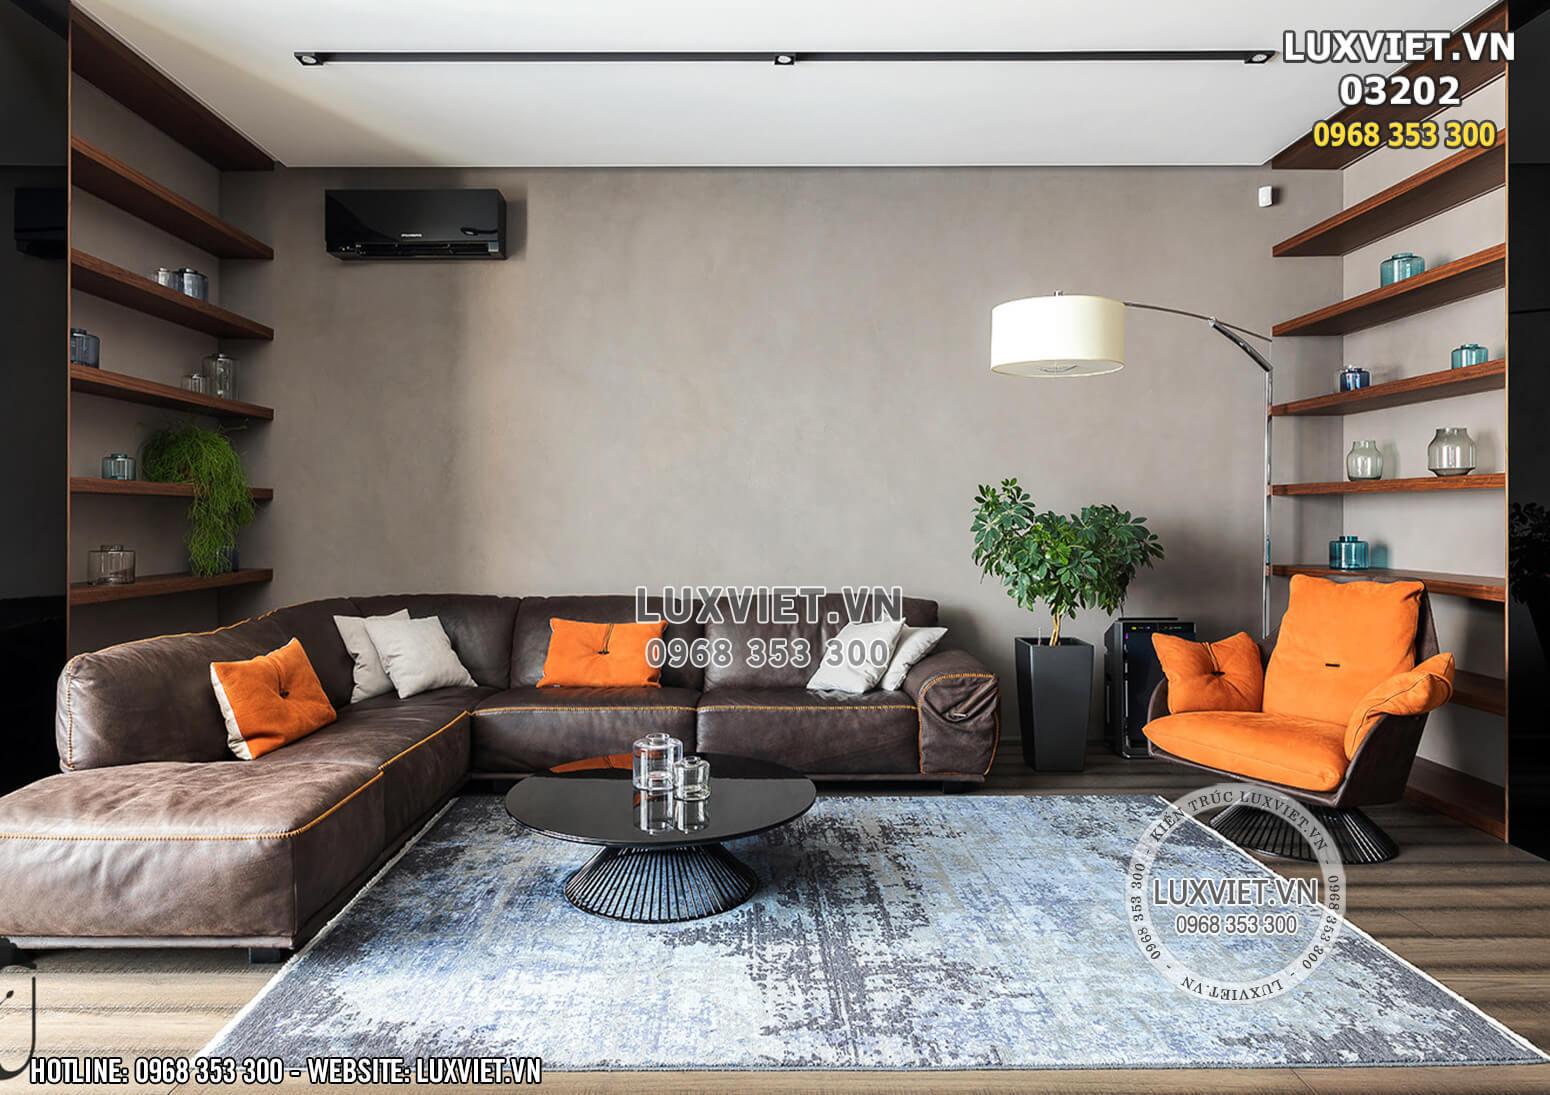 Hình ảnh: Thiết kế nội thất phòng khách chung cư hiện đại - LV 03202